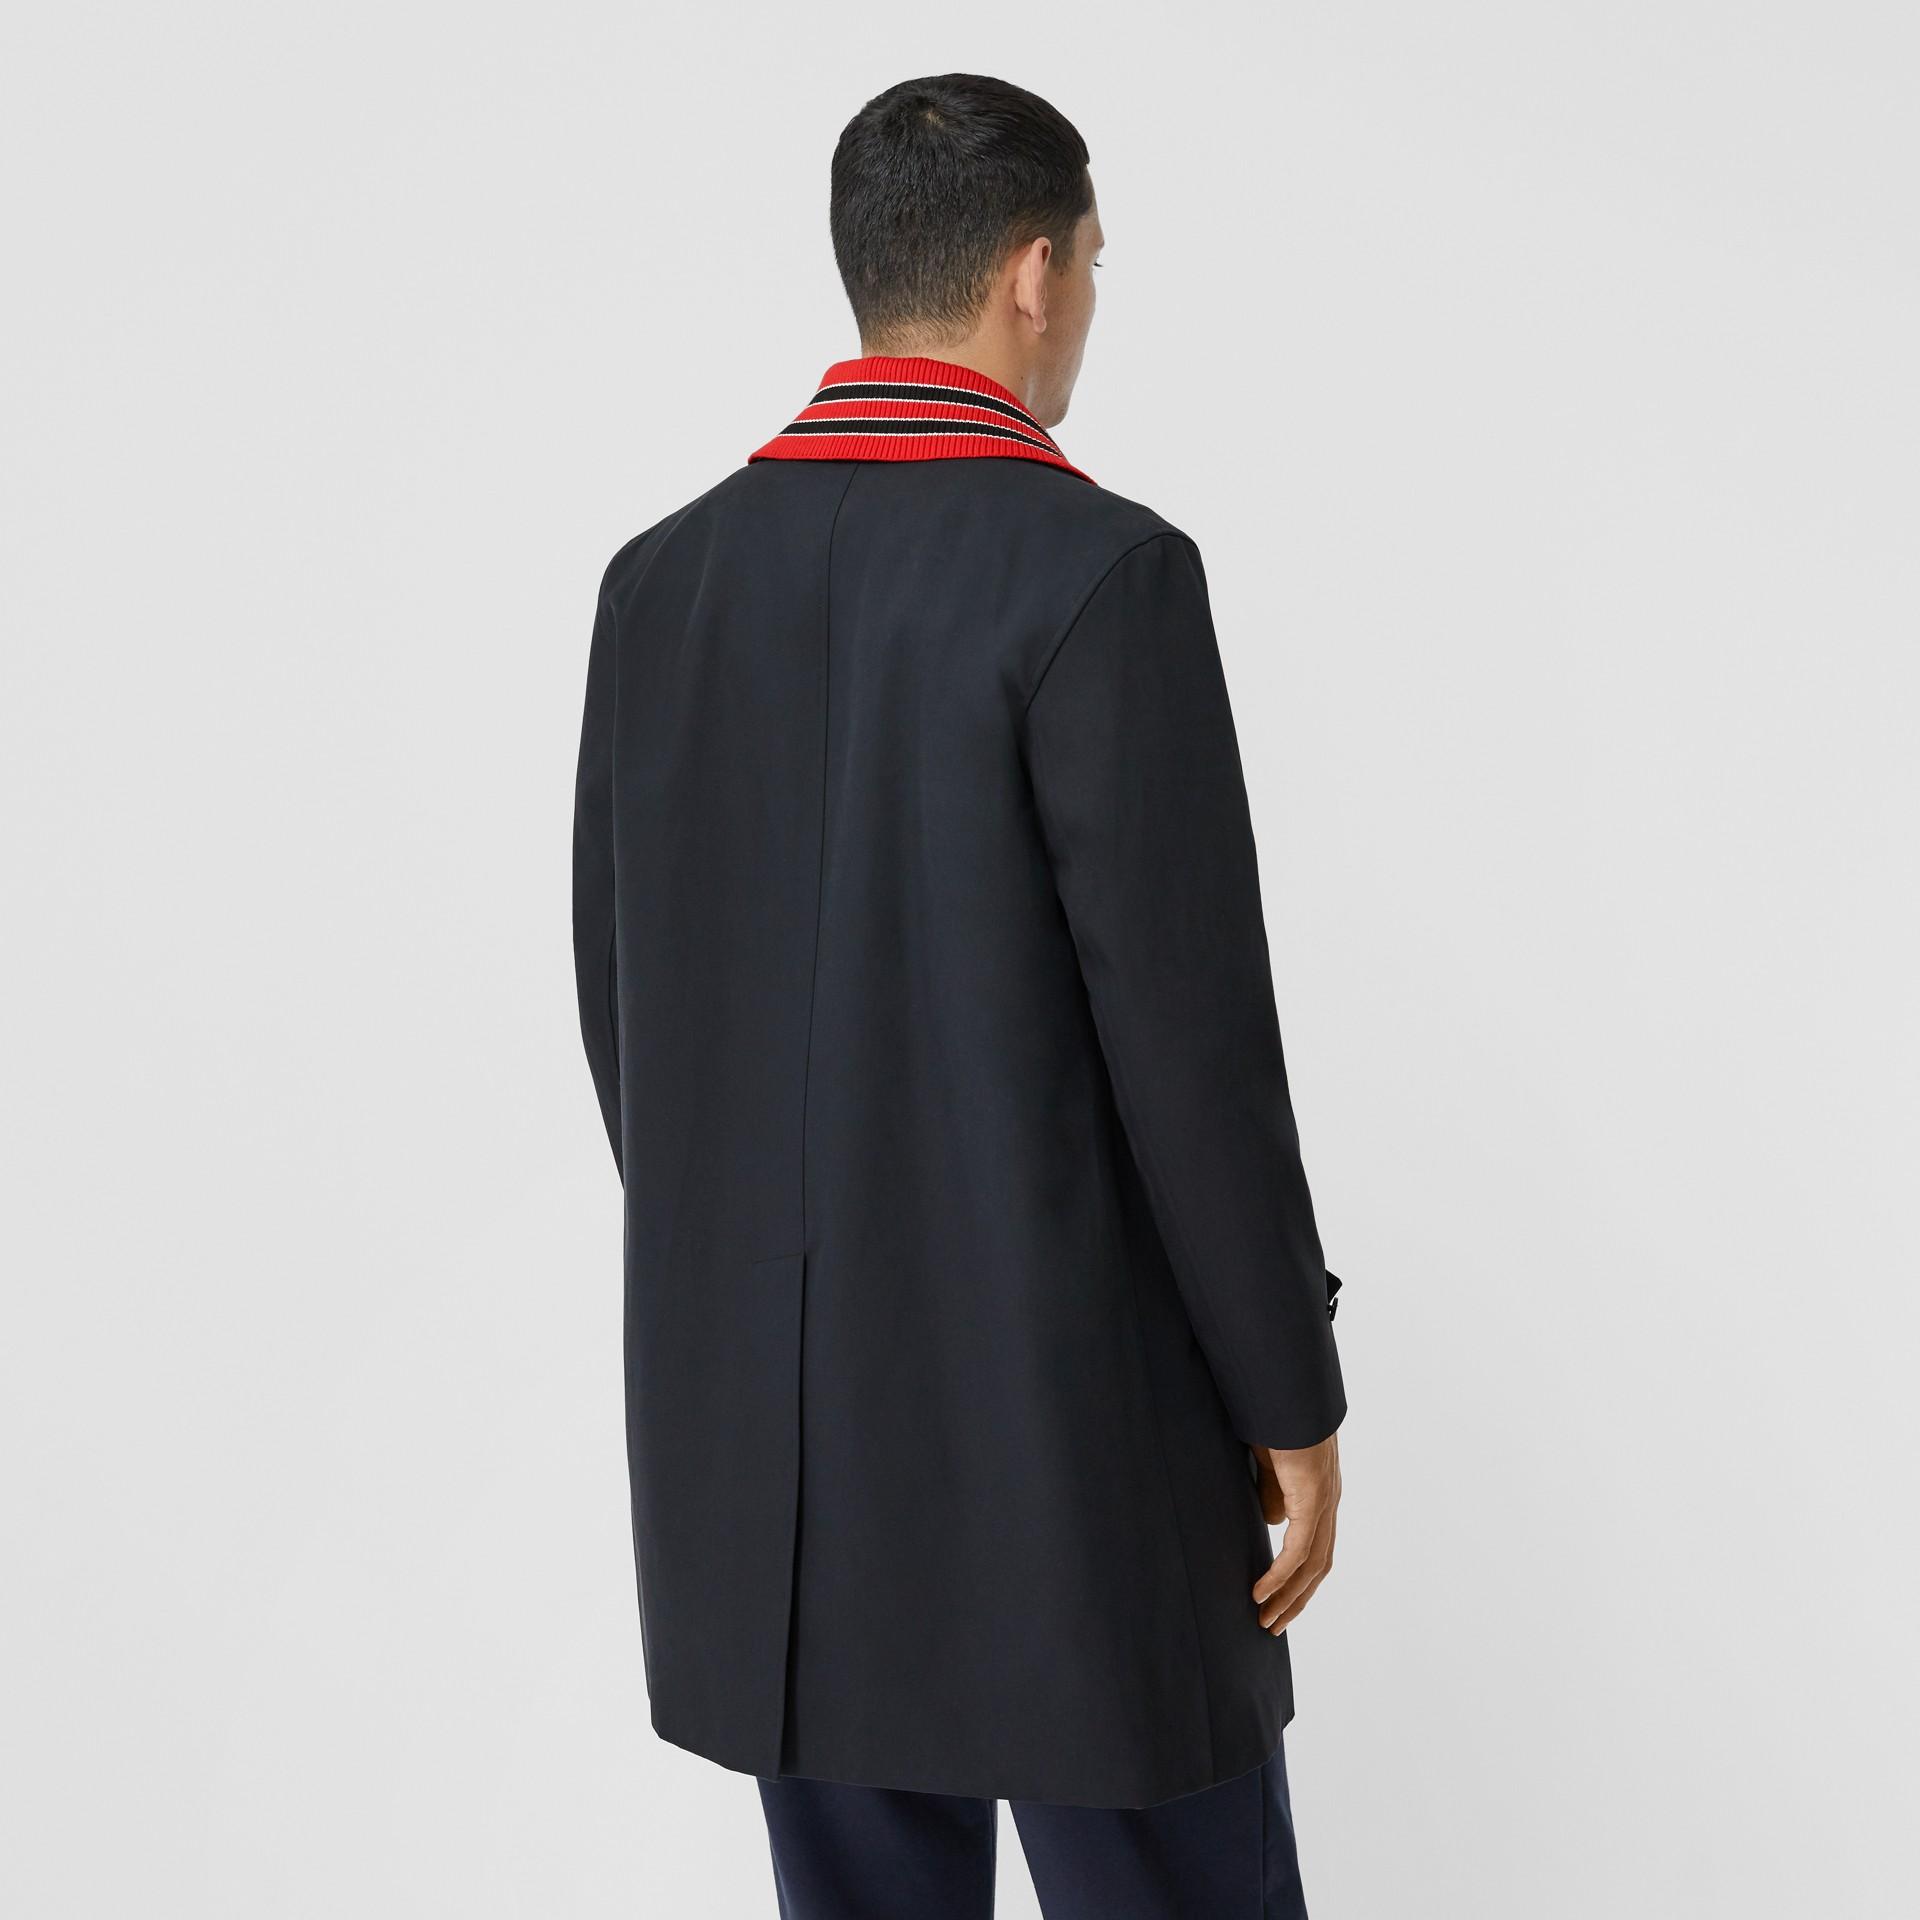 Paletot en coton avec col rayé amovible (Marine) - Homme | Burberry Canada - photo de la galerie 2